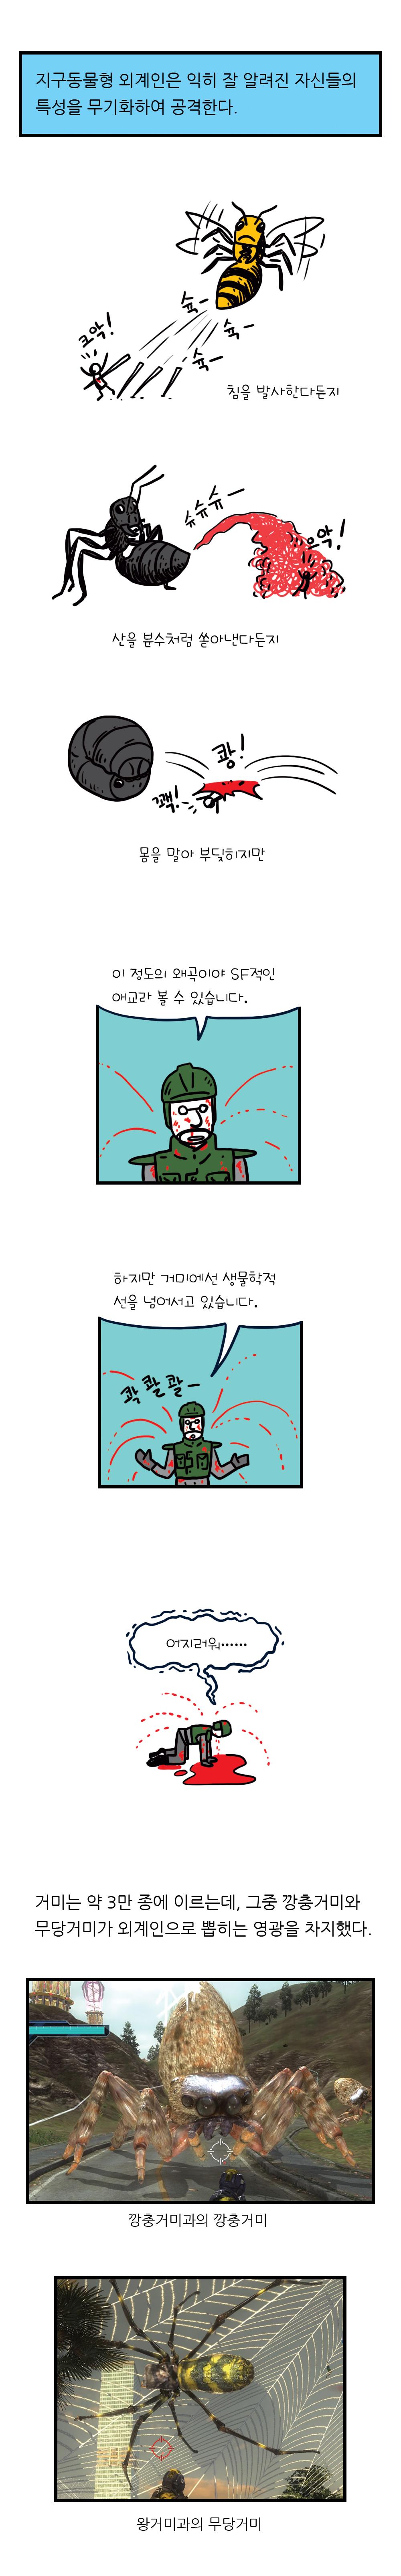 사이언티픽 게이머즈 시즌4 #8 전장의 중심에서 생물학을 외치다: 지구방위군 5 4